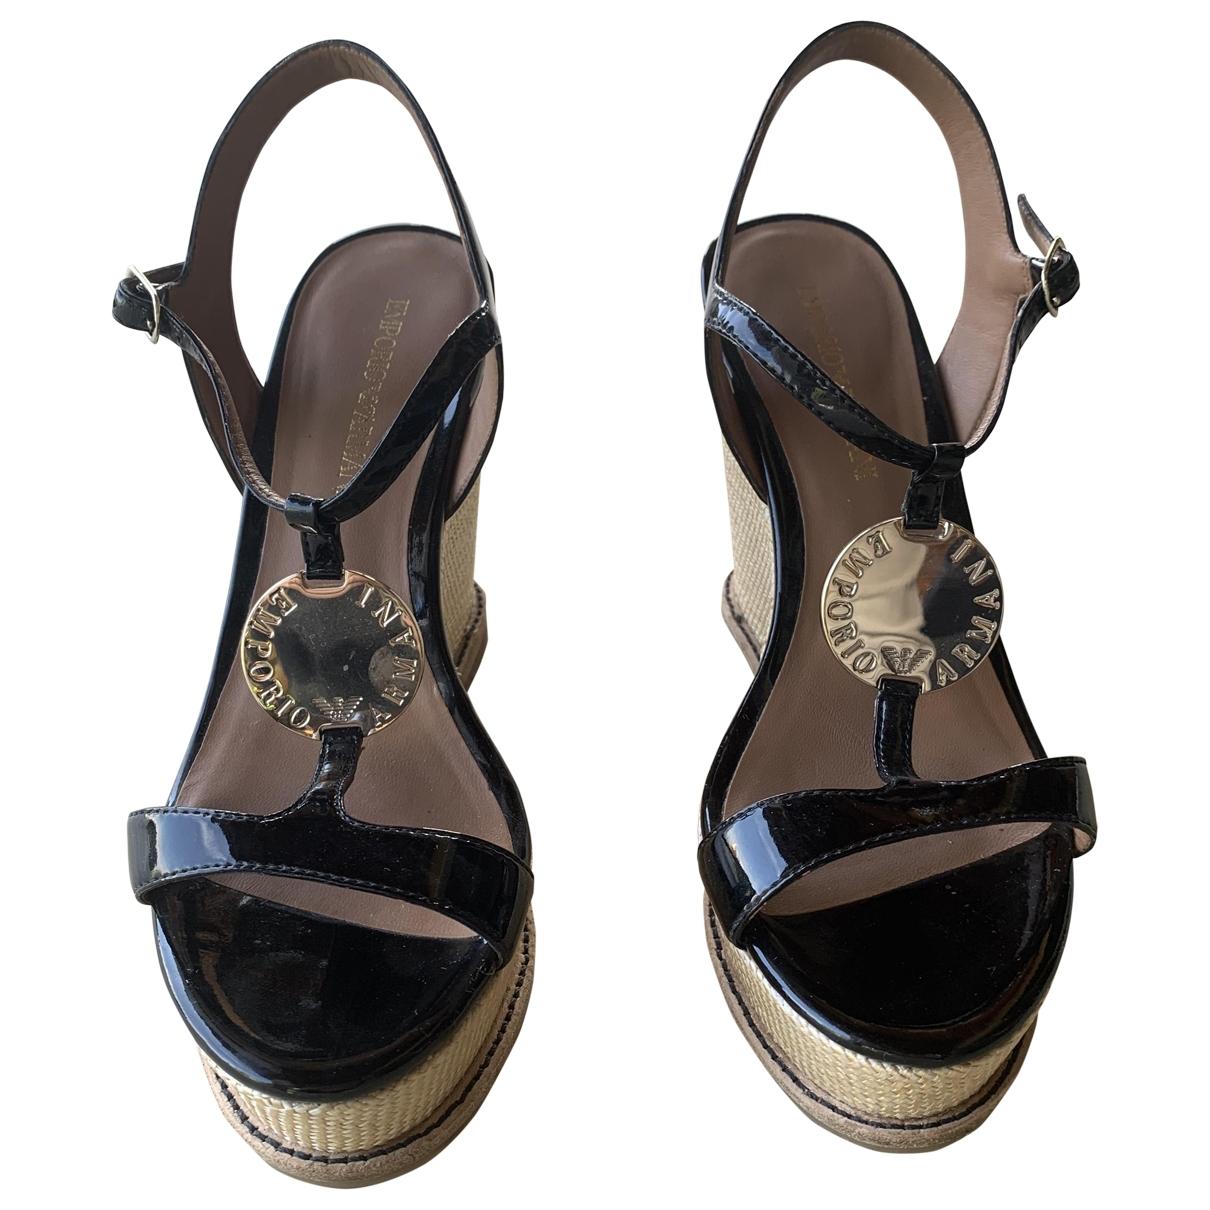 Emporio Armani - Sandales   pour femme en cuir verni - noir